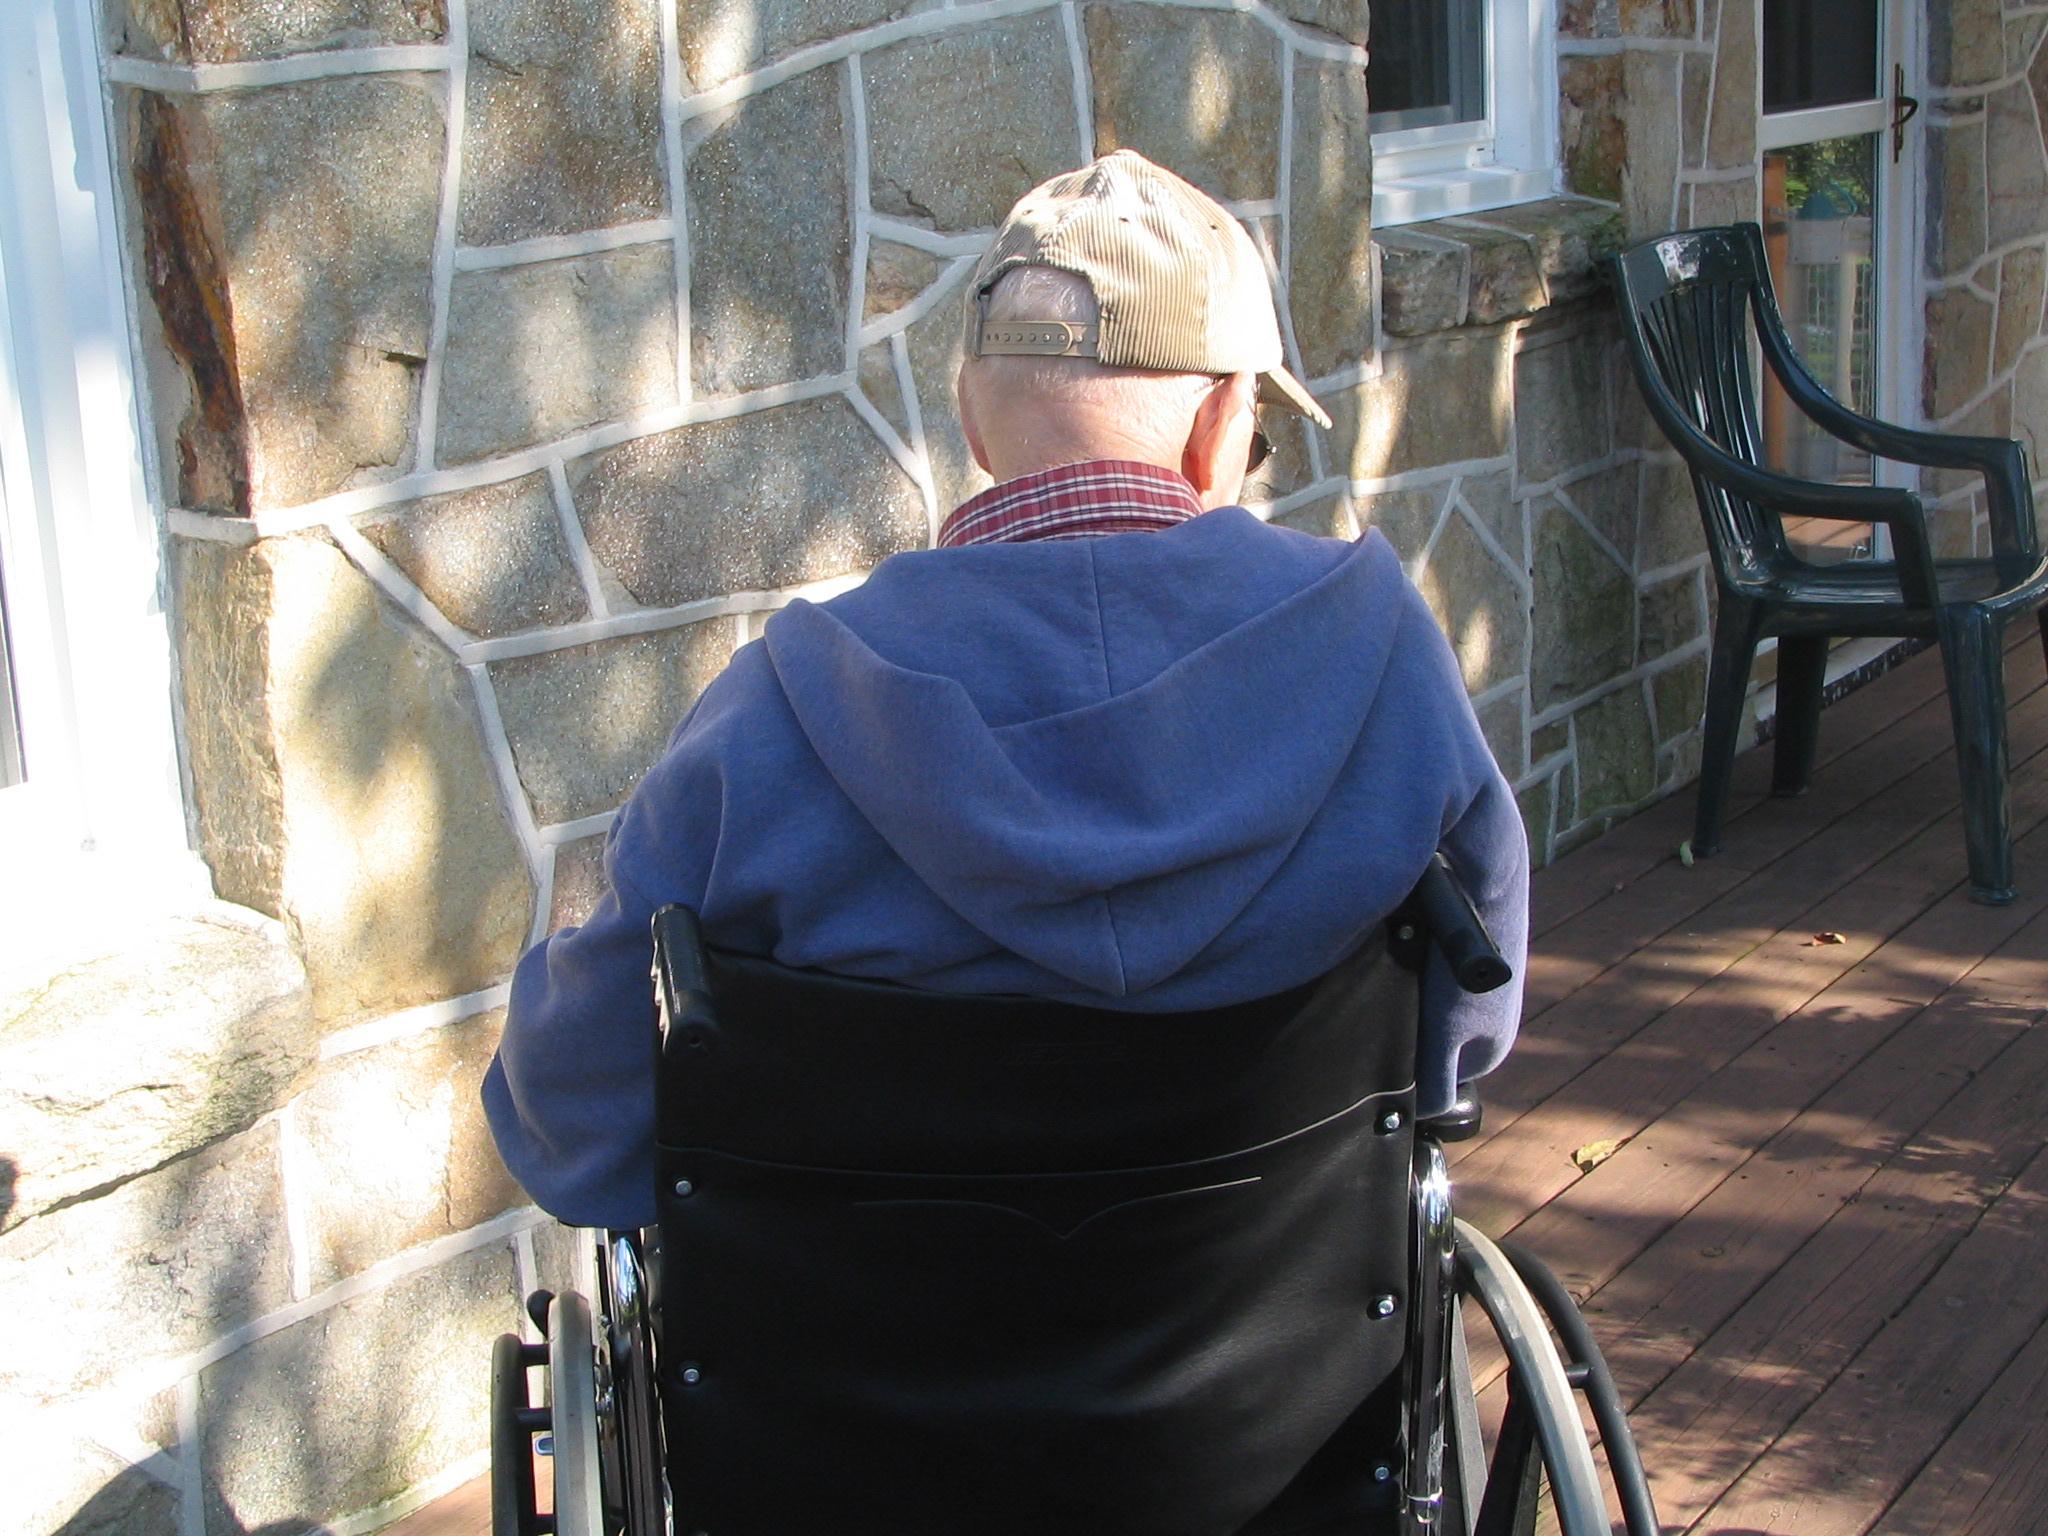 Edadisme_un dels reptes d'envellir en el segle XXI